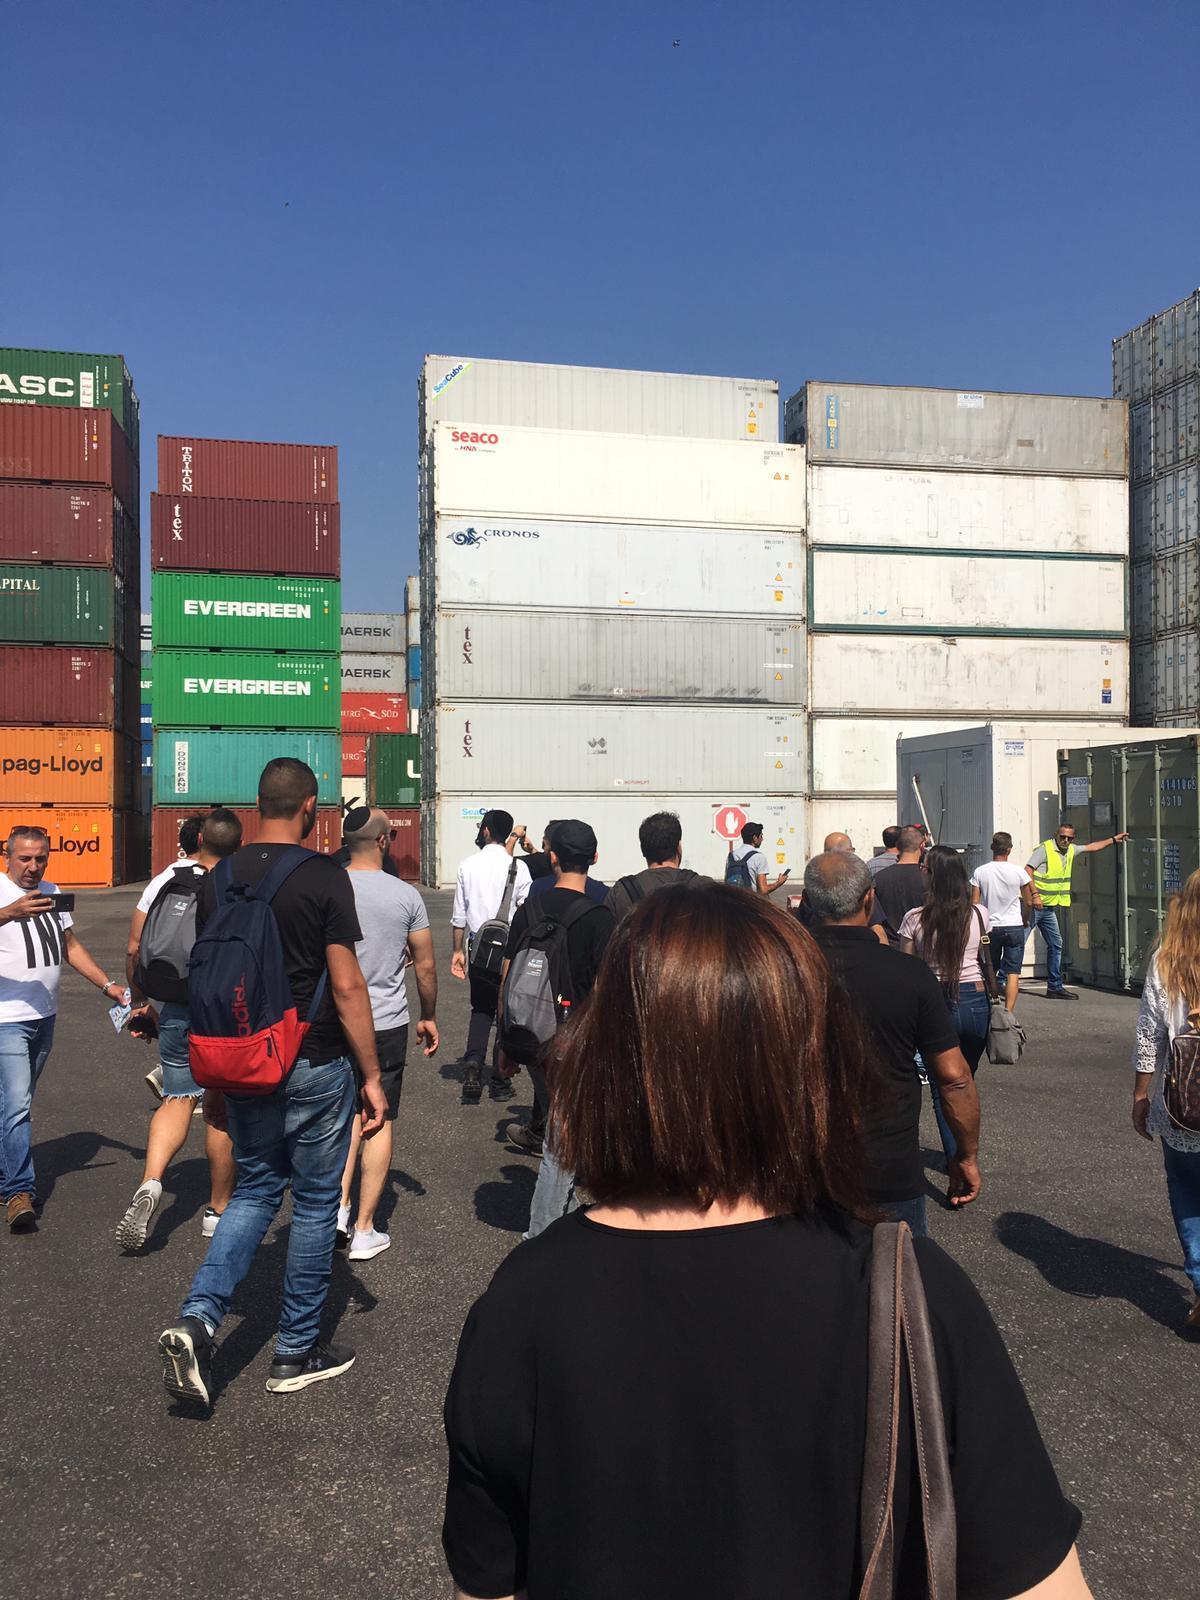 גלרייה - סיור לנמל אשדוד ספטמבר 2019, 13 מתוך 29